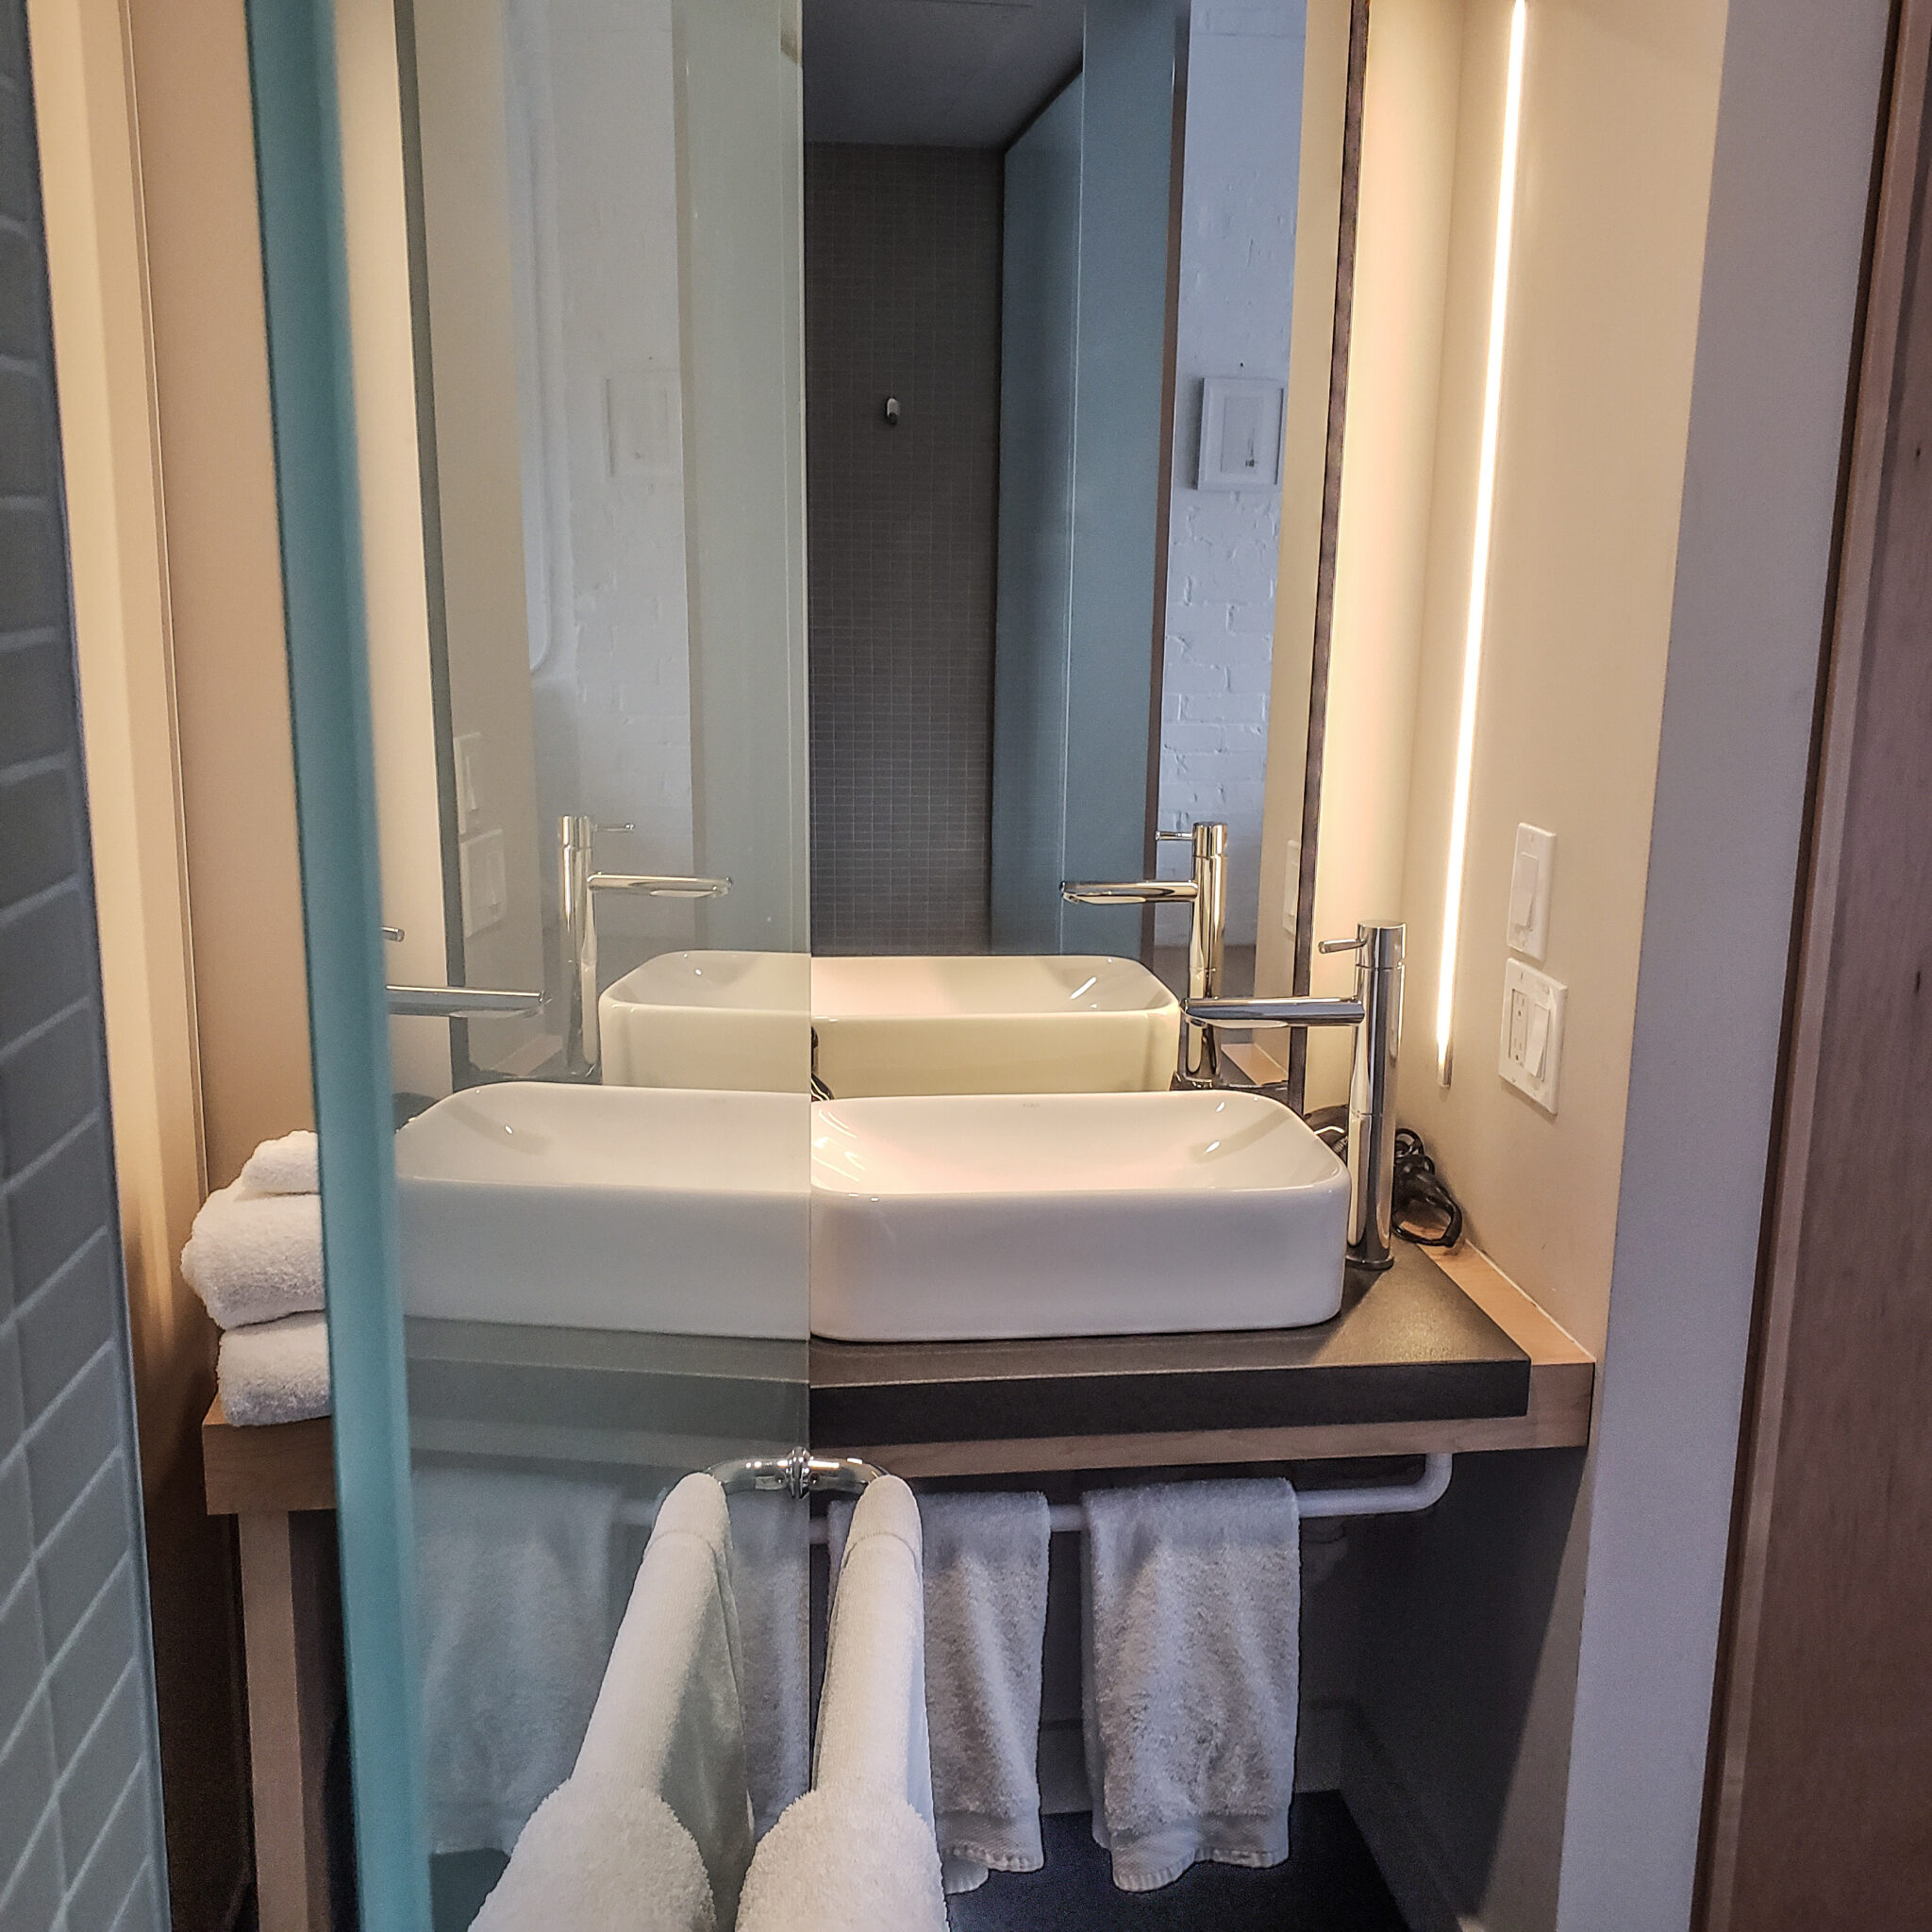 Annex Hotel - The Annex Toronto - Boutique Hotel - Room - Bath